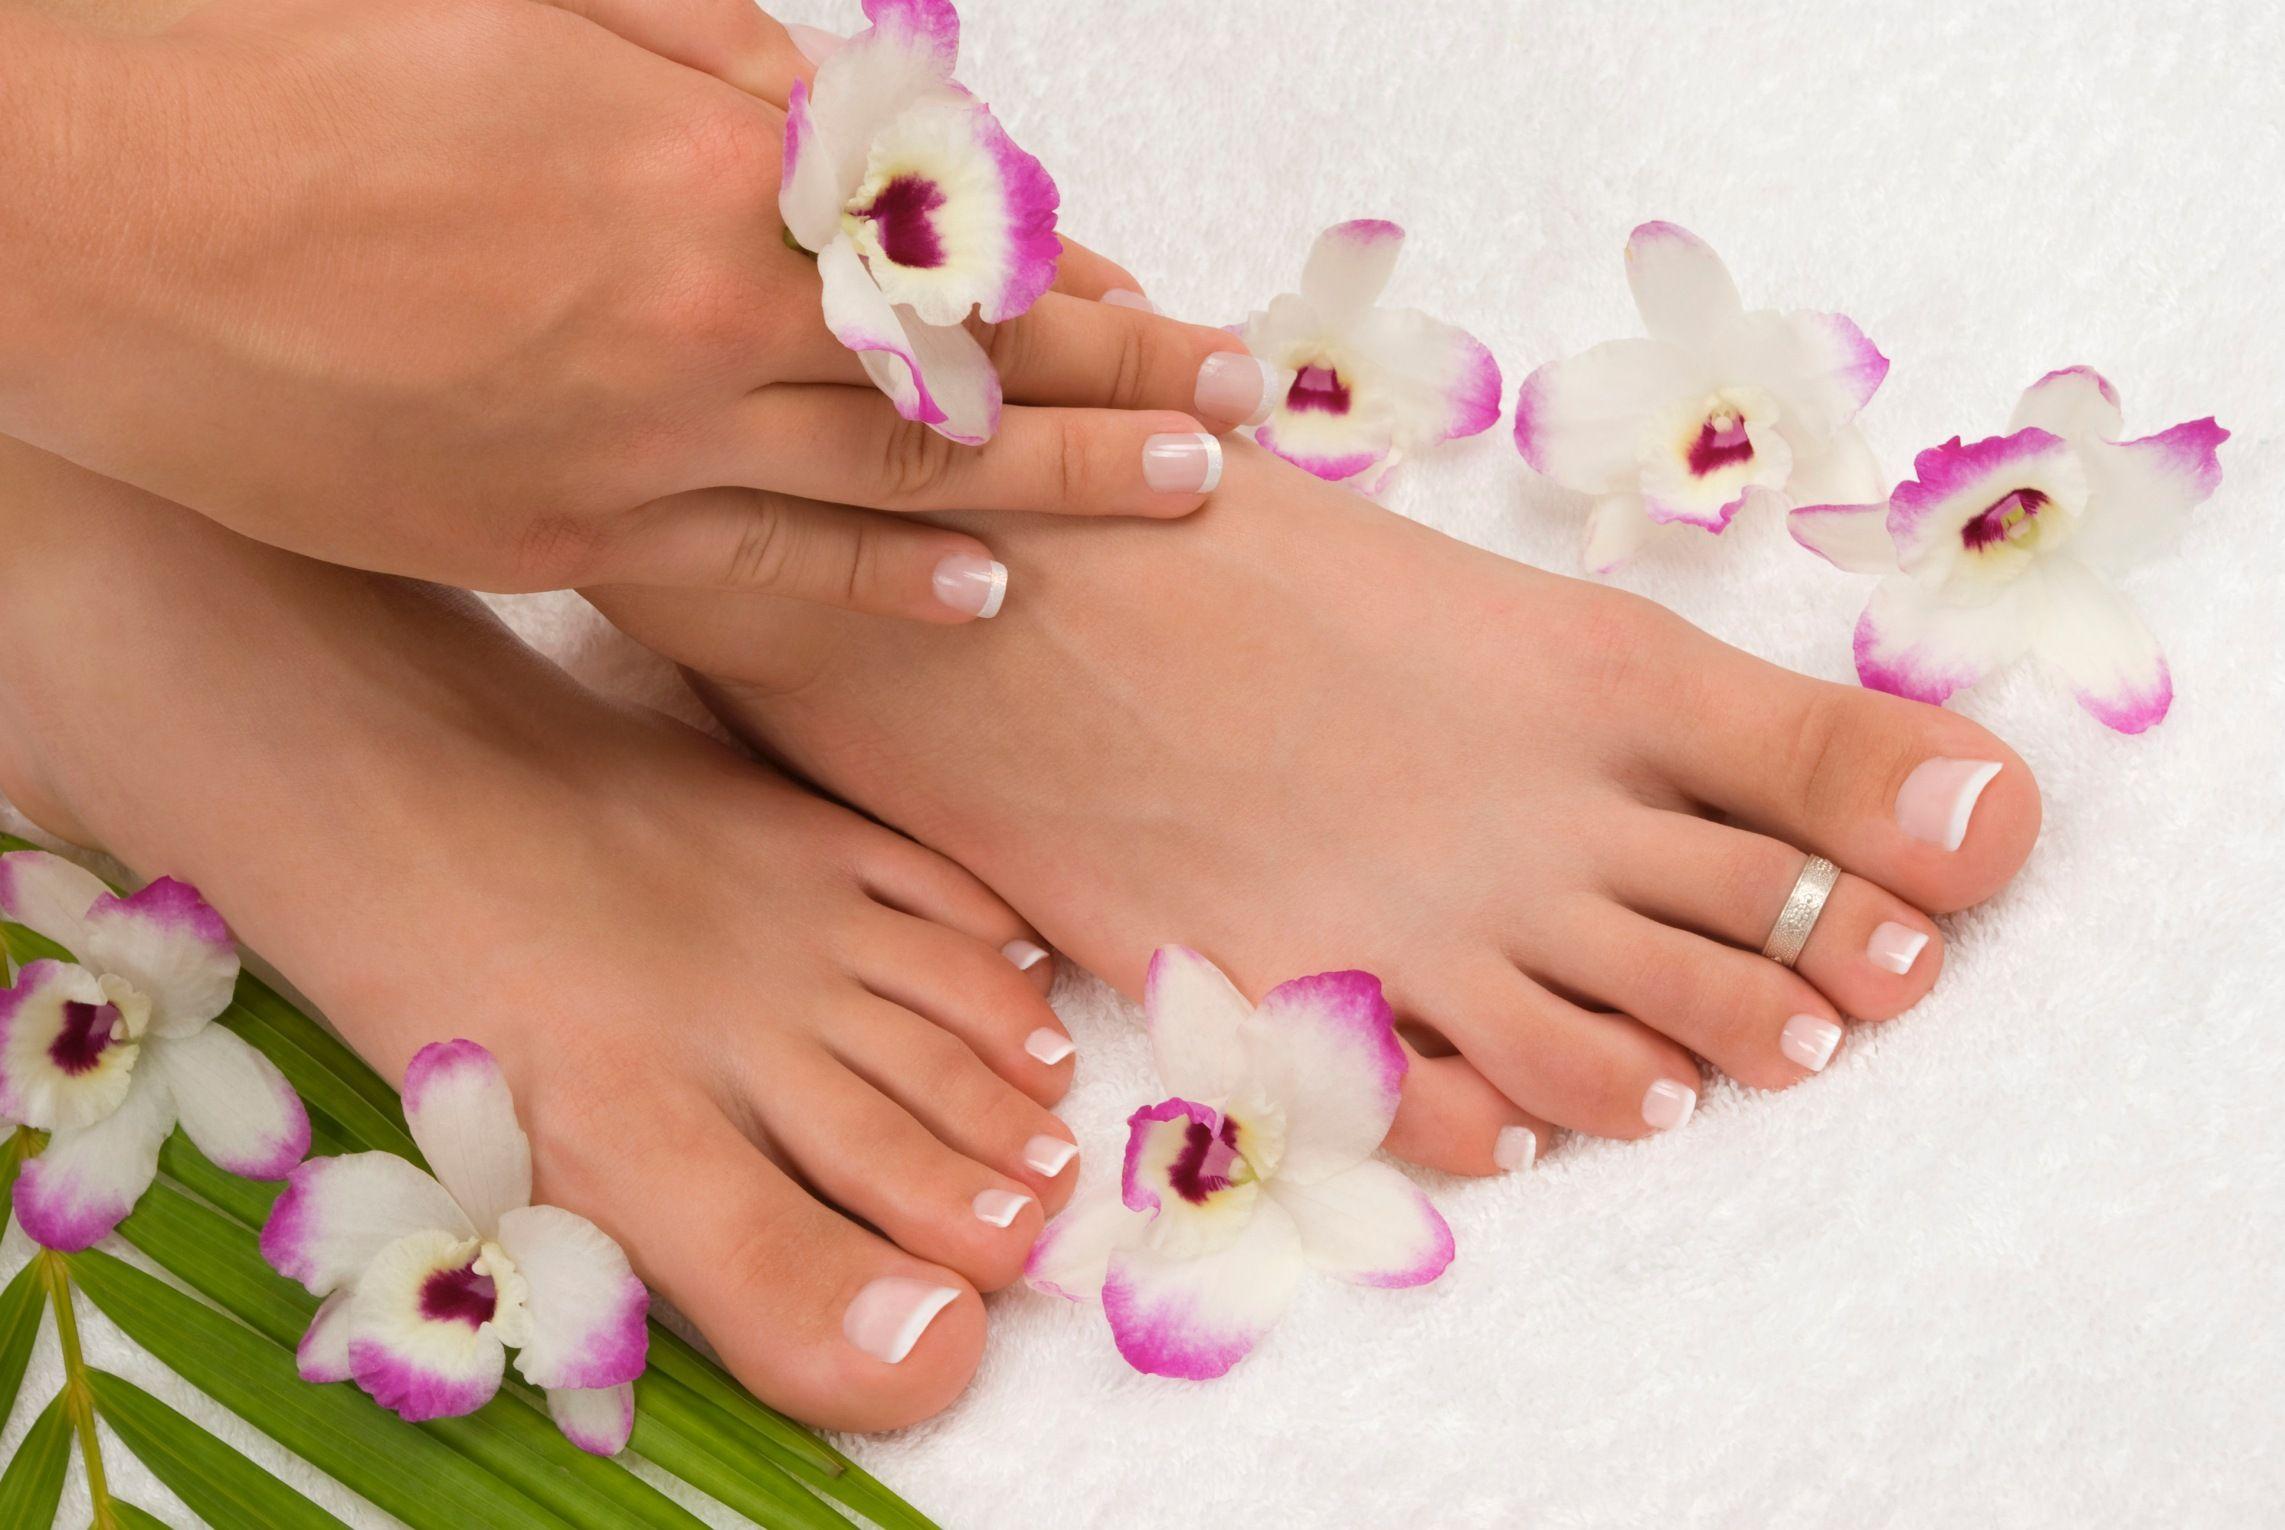 Tutti i metodi naturali per sgonfiare piedi e caviglie